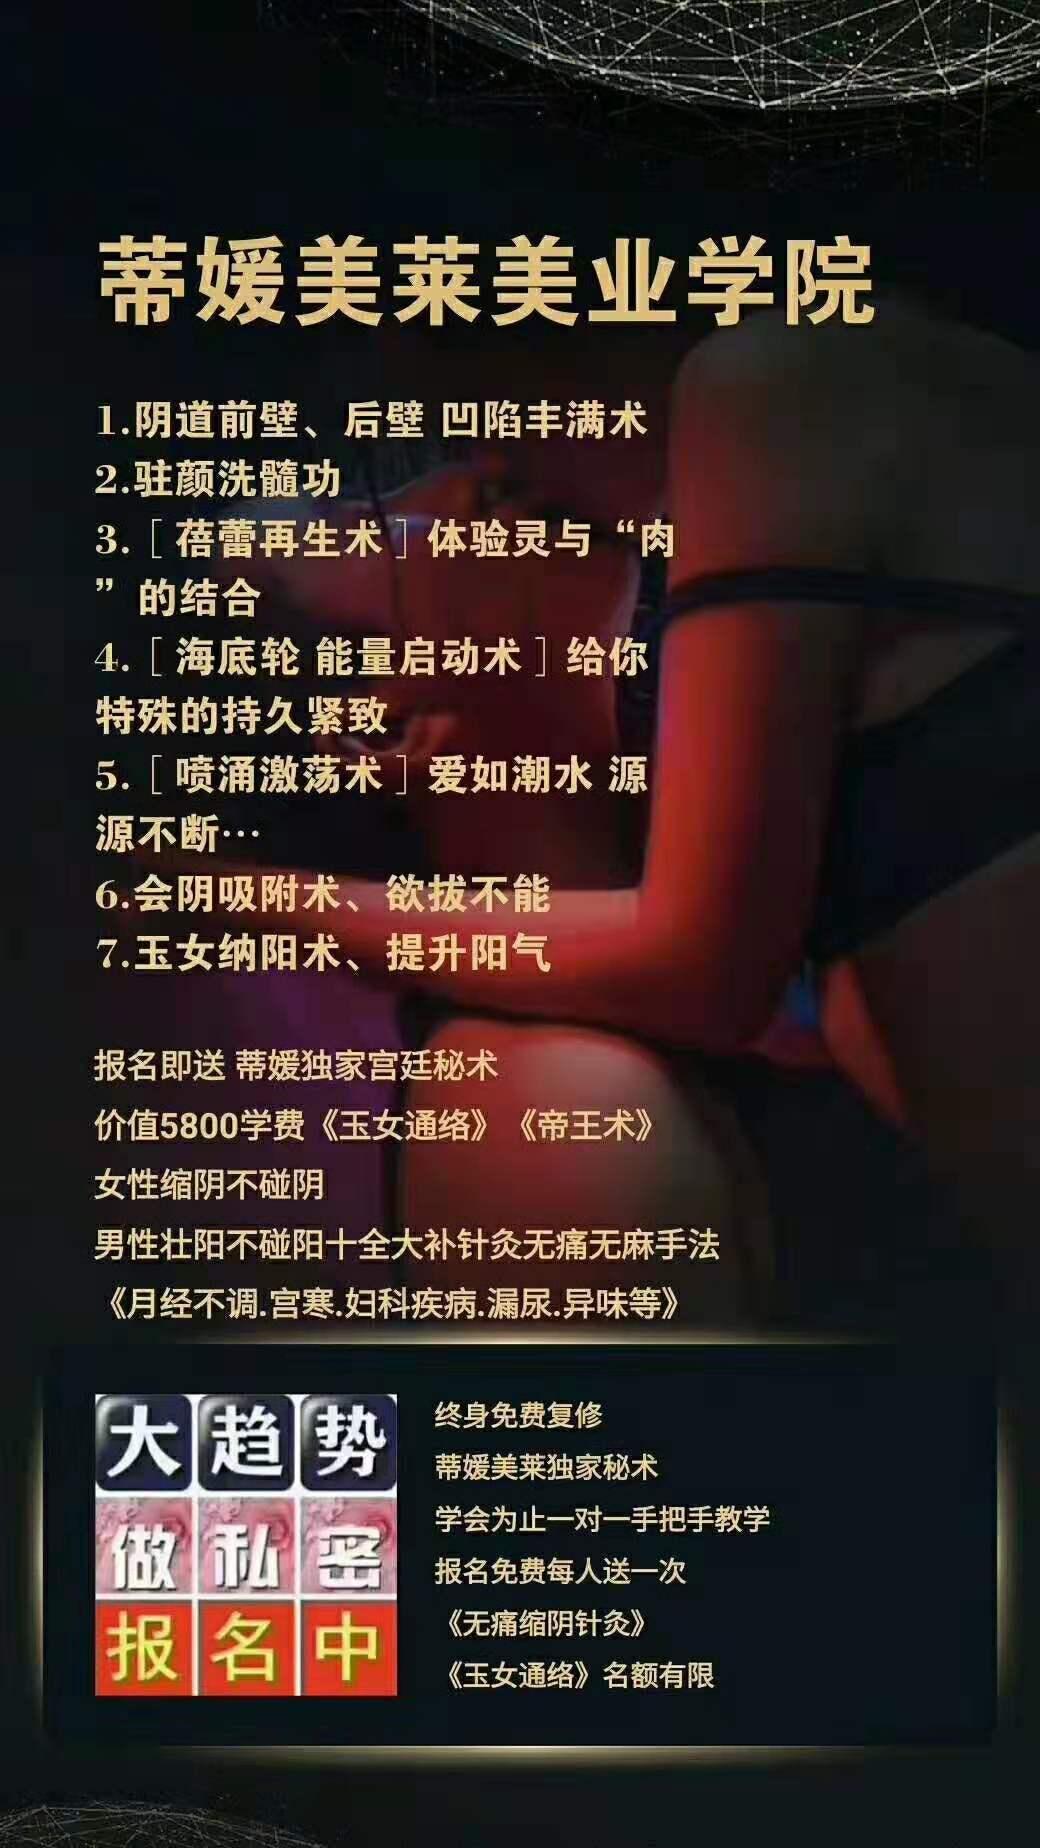 肇庆市女性徒手私密培训哪家知名度高